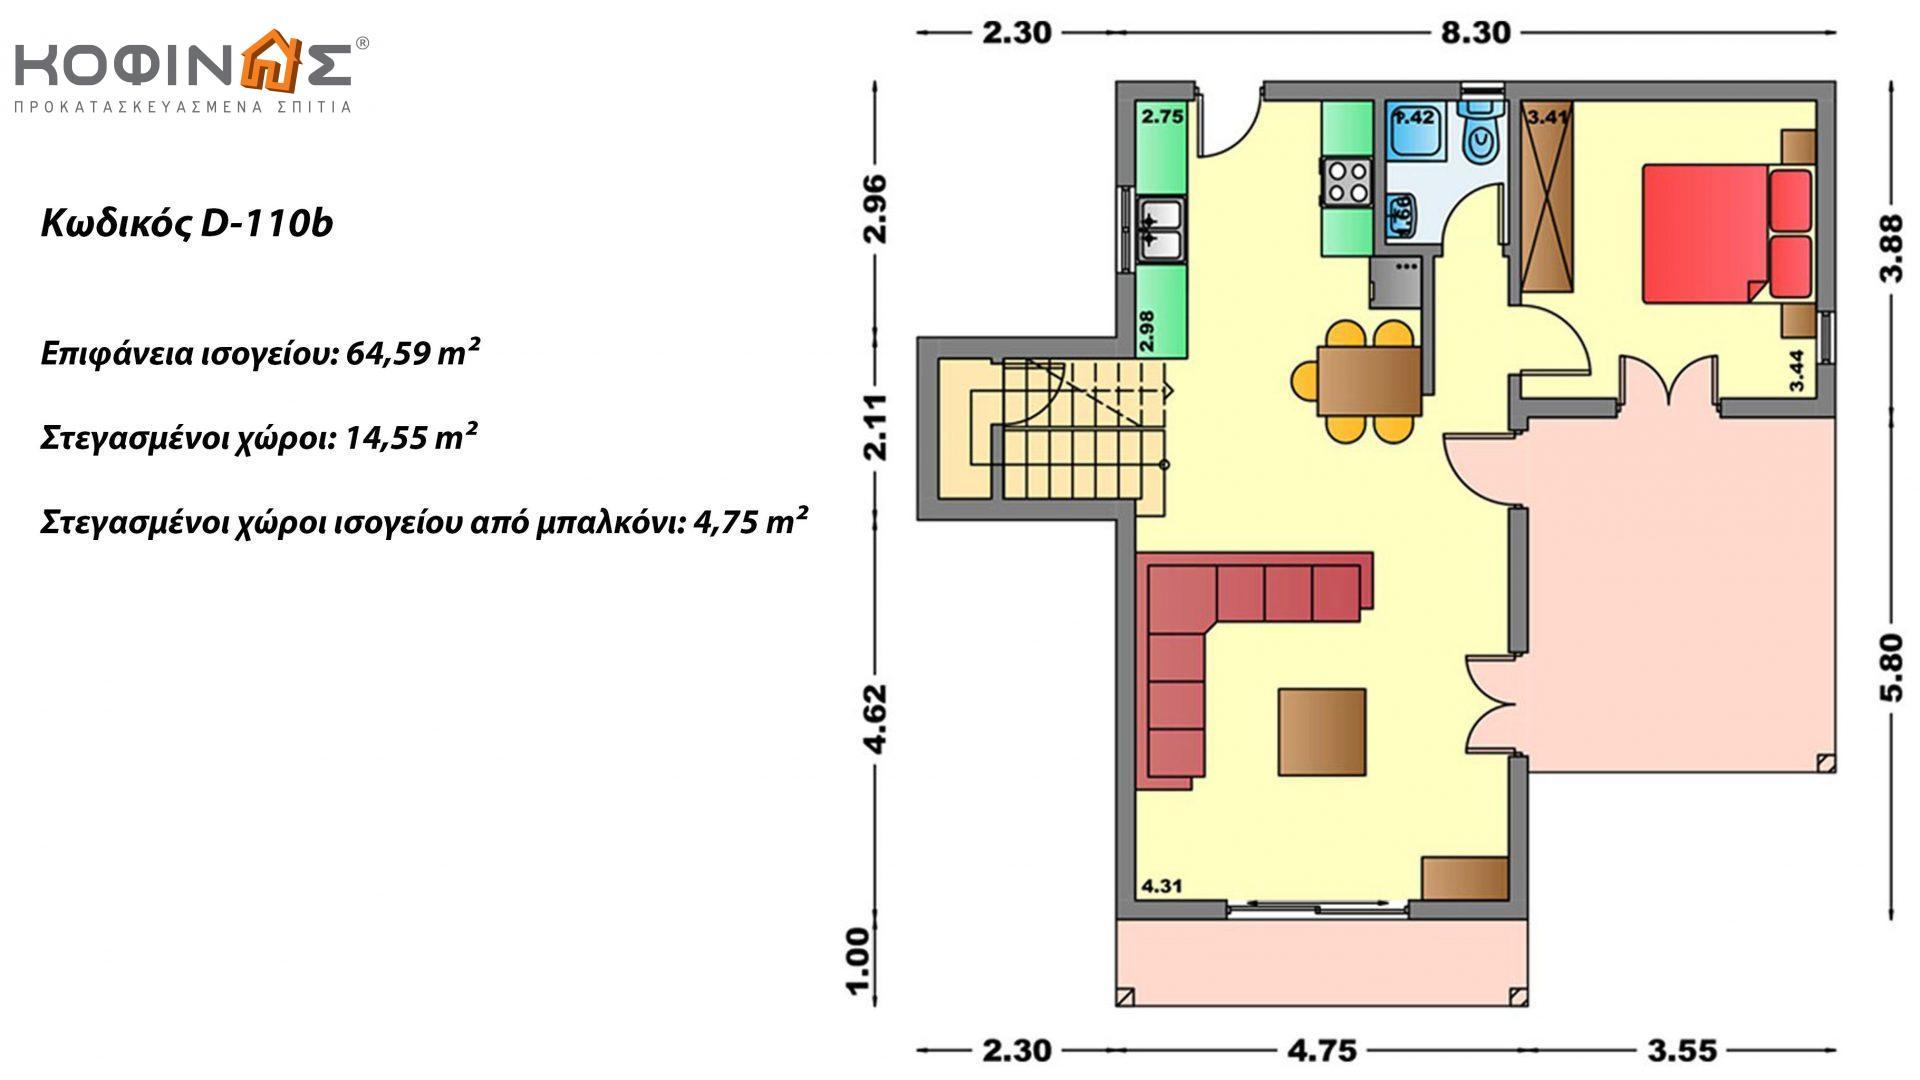 Διώροφη Κατοικία D-110b, συνολικής επιφάνειας 110,72 τ.μ. , συνολική επιφάνεια στεγασμένων χώρων 42.57 τ.μ., μπαλκόνια 23.27 τ.μ.